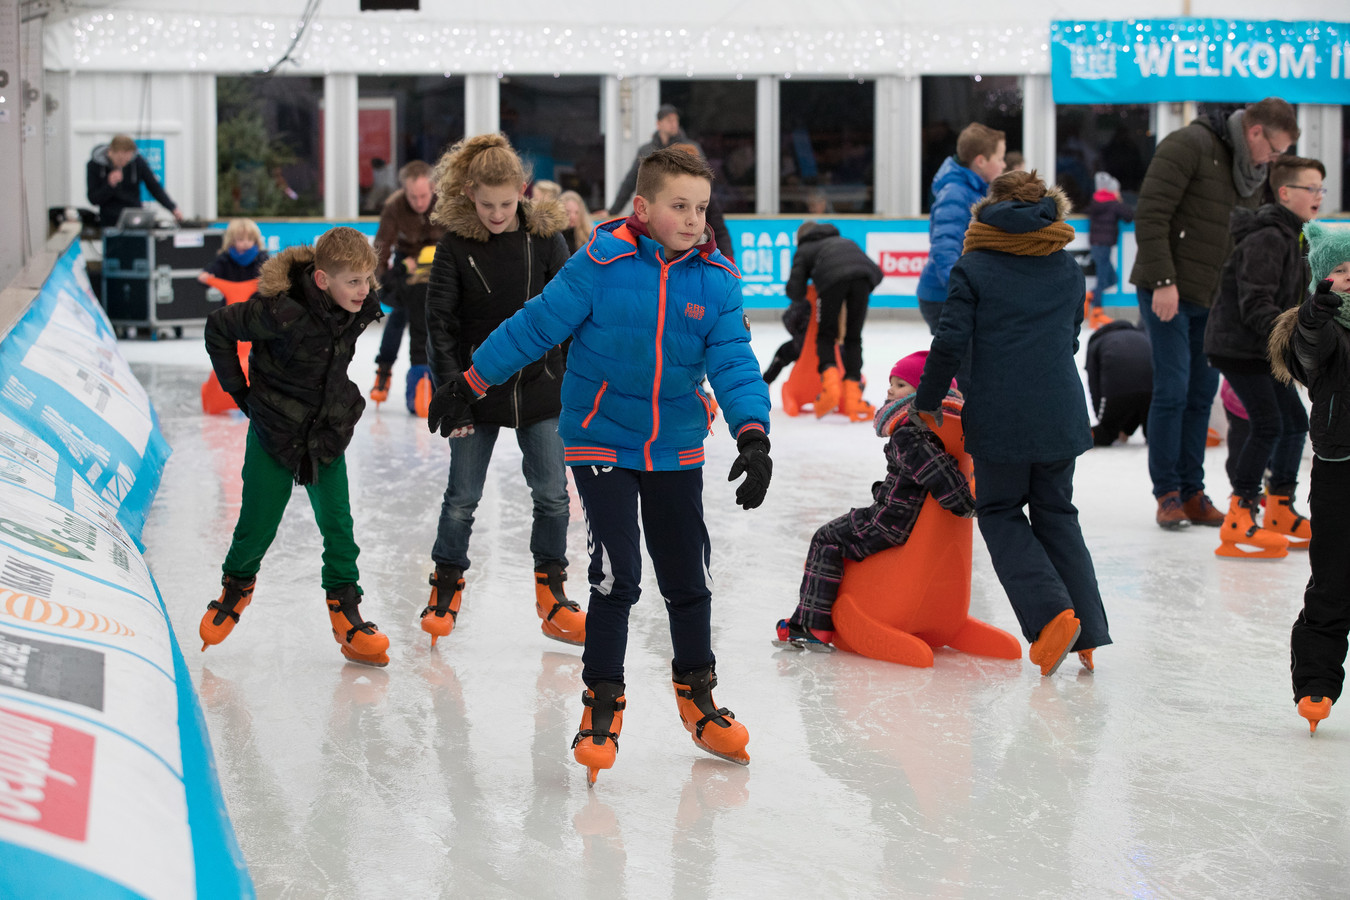 Jong en oud kunnen ook in de komende feestmaand voor ijspret terecht op de schaatsbaan van Raalte on Ice. De eerste editie was vorig jaar een doorslaand succes.